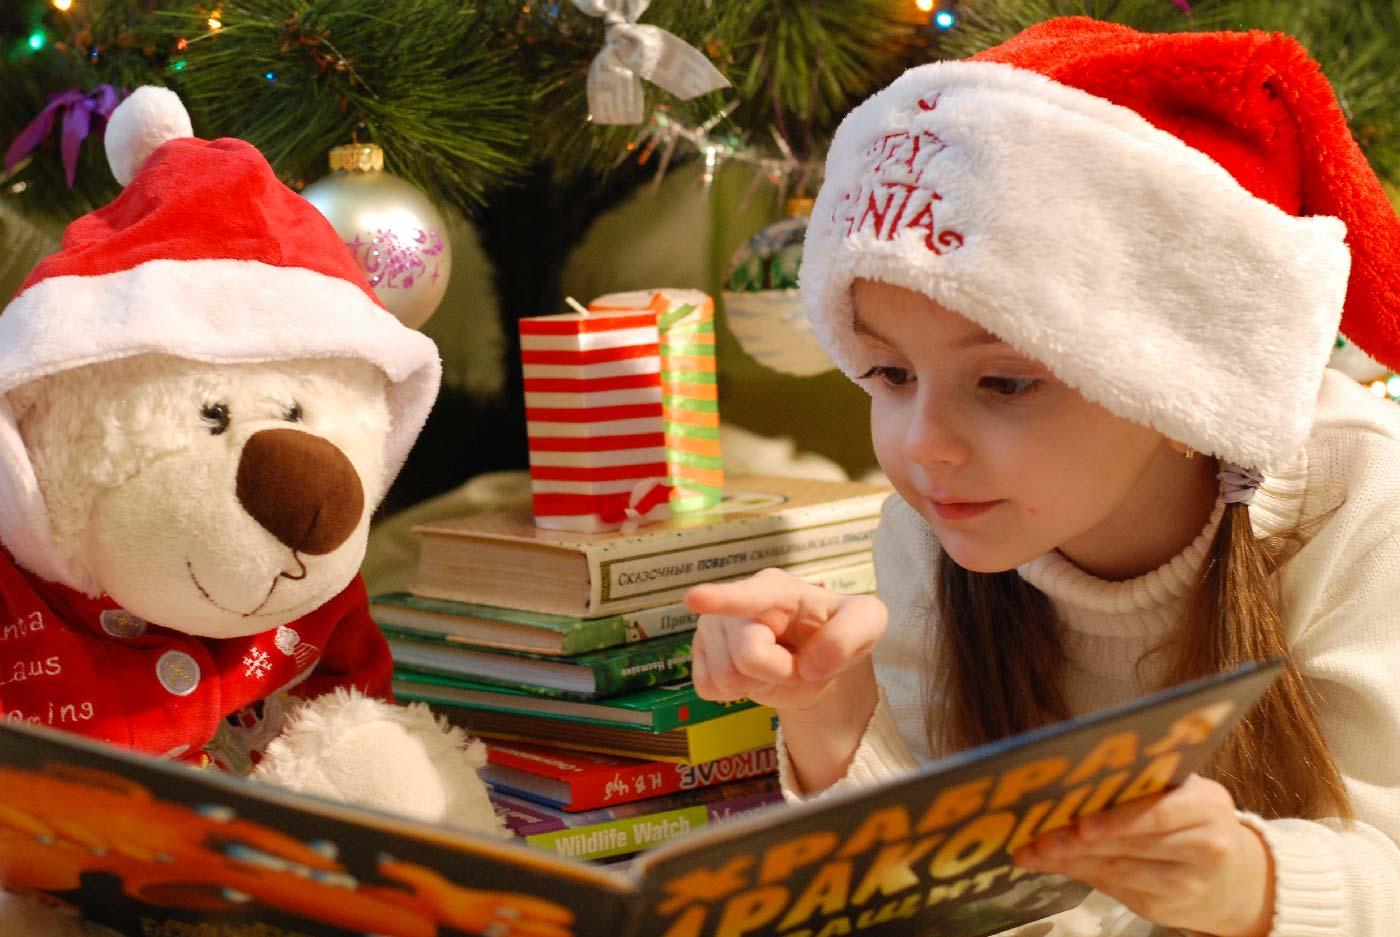 Immagini Bambini E Natale.Bambini E Denti A Natale Alcuni Buoni Consigli Dolci Si O No